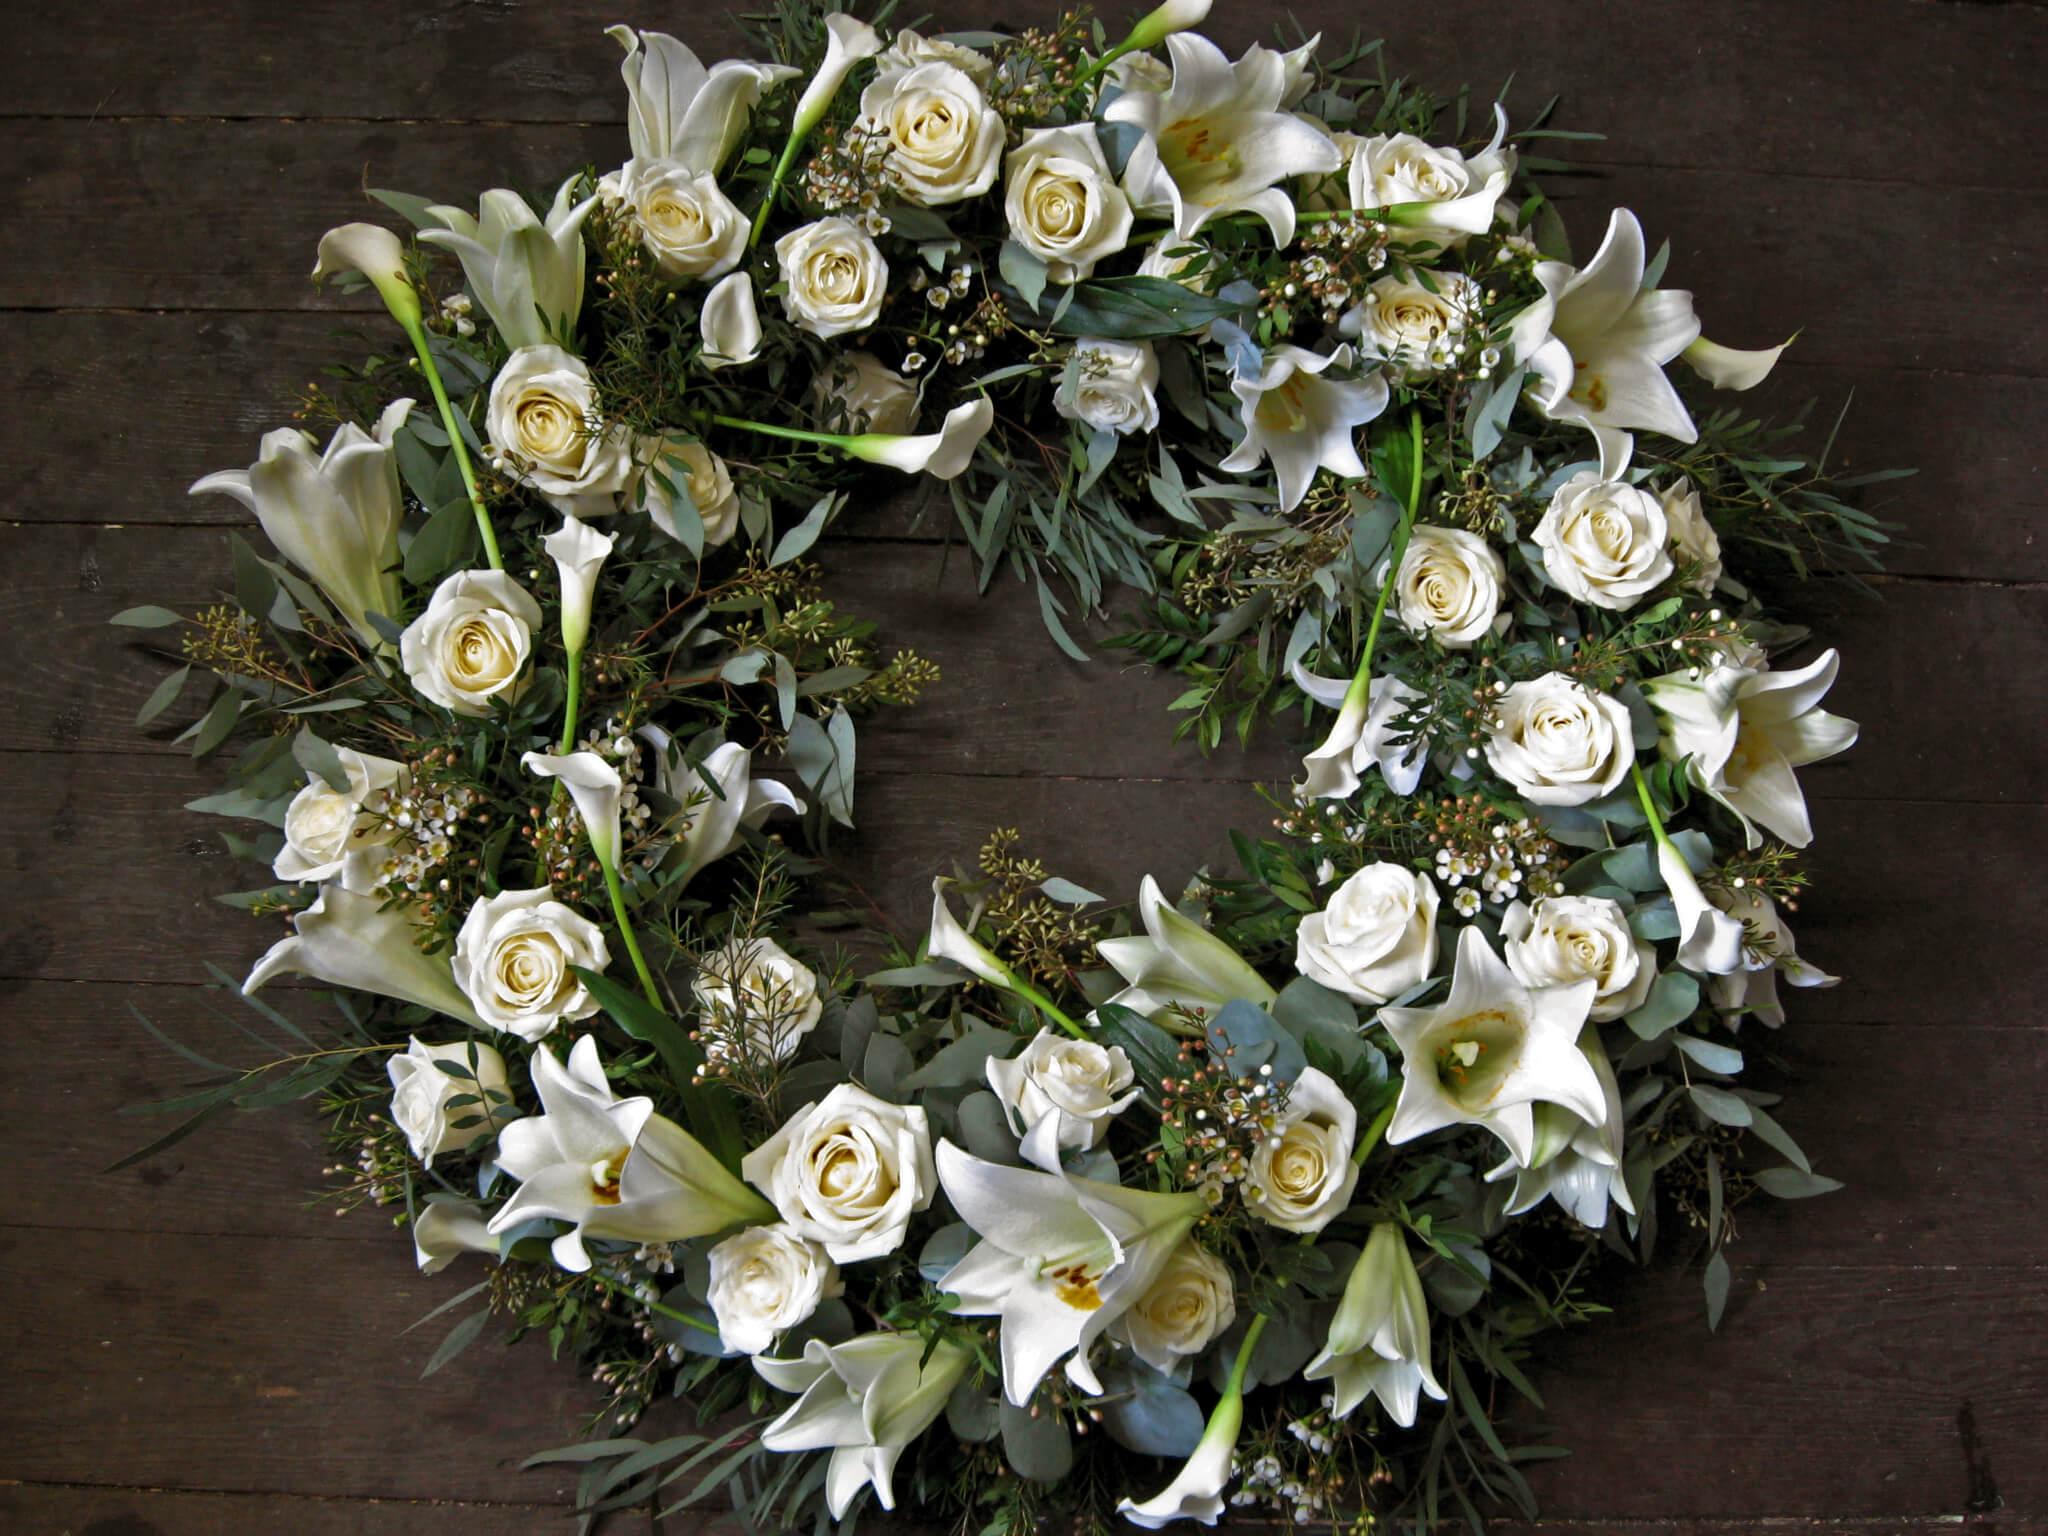 Blumen Wrigge  Florist aus Neumnster